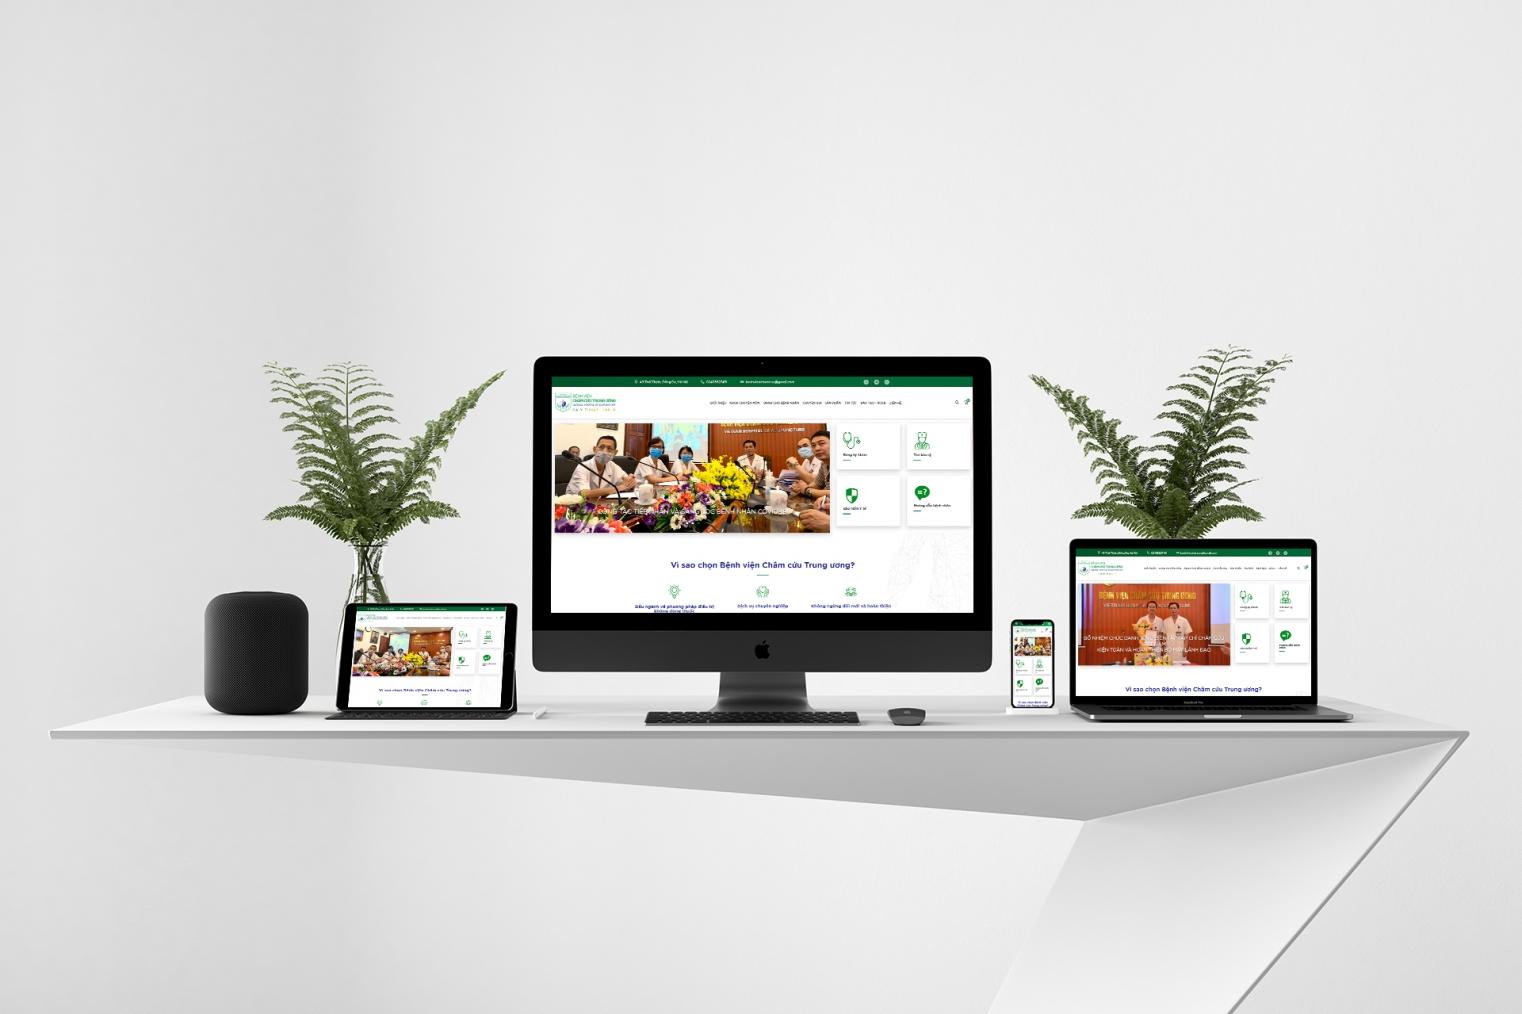 Thiết kế website giới thiệu bệnh viện, đặt lịch khám và thanh toán trực tuyến